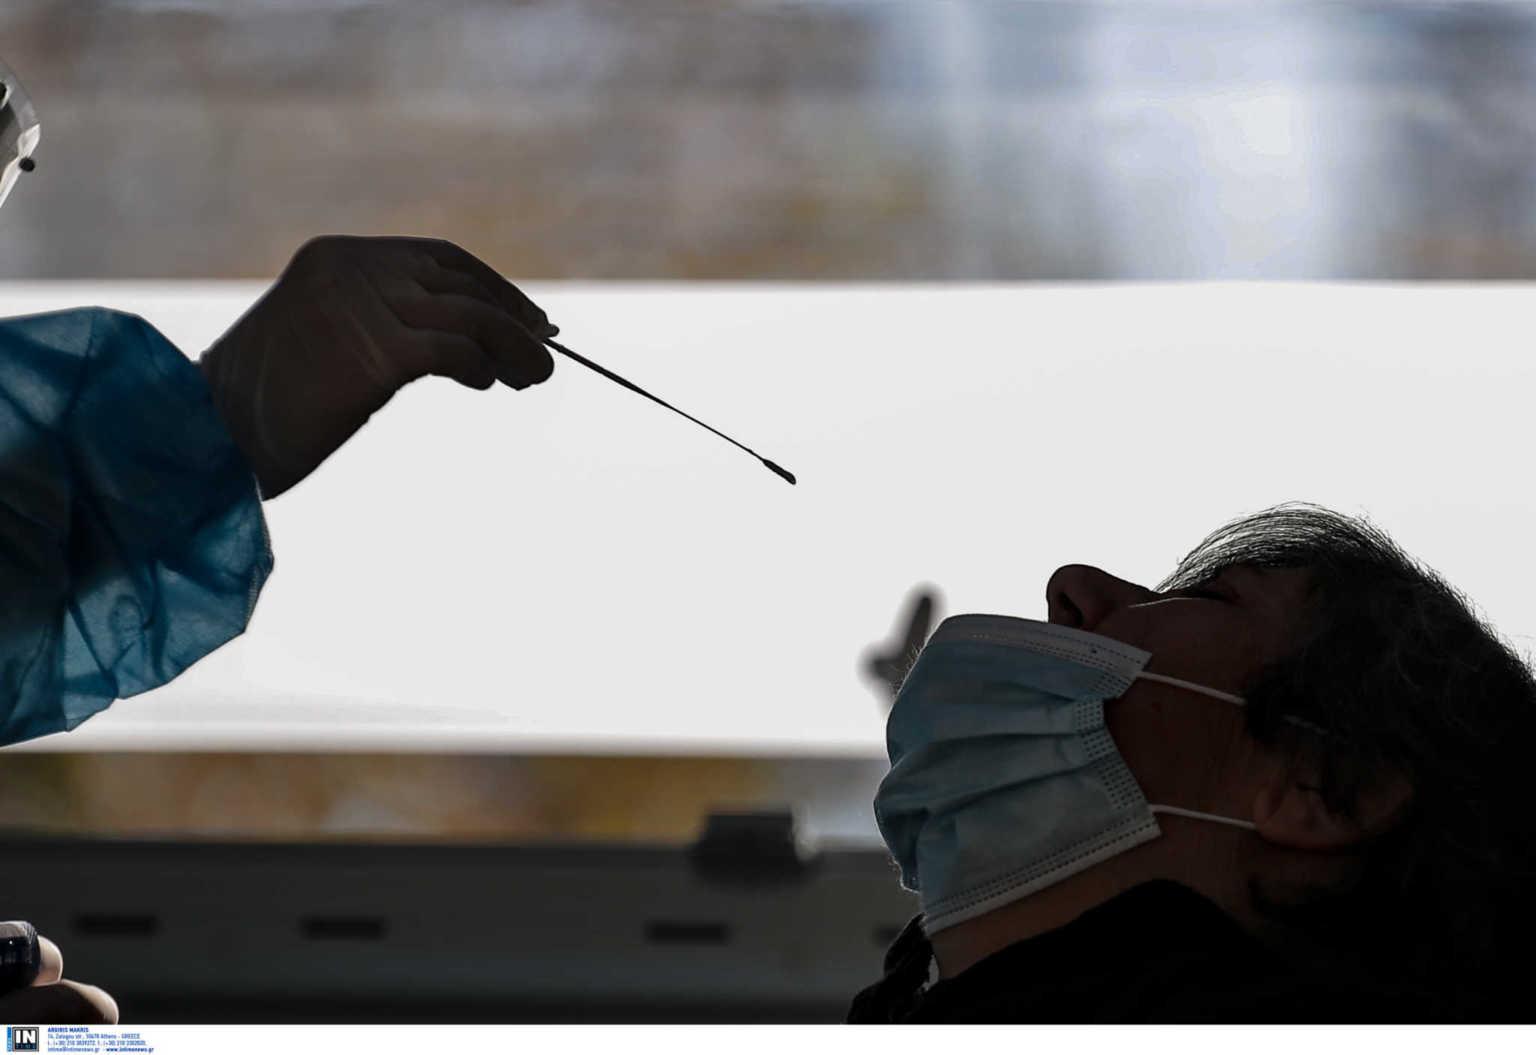 Κορωνοϊός -Γερμανία: Εξαντλήθηκαν μέσα σε λίγες ώρες τα rapid test που πωλούνται στα σούπερ μάρκετ